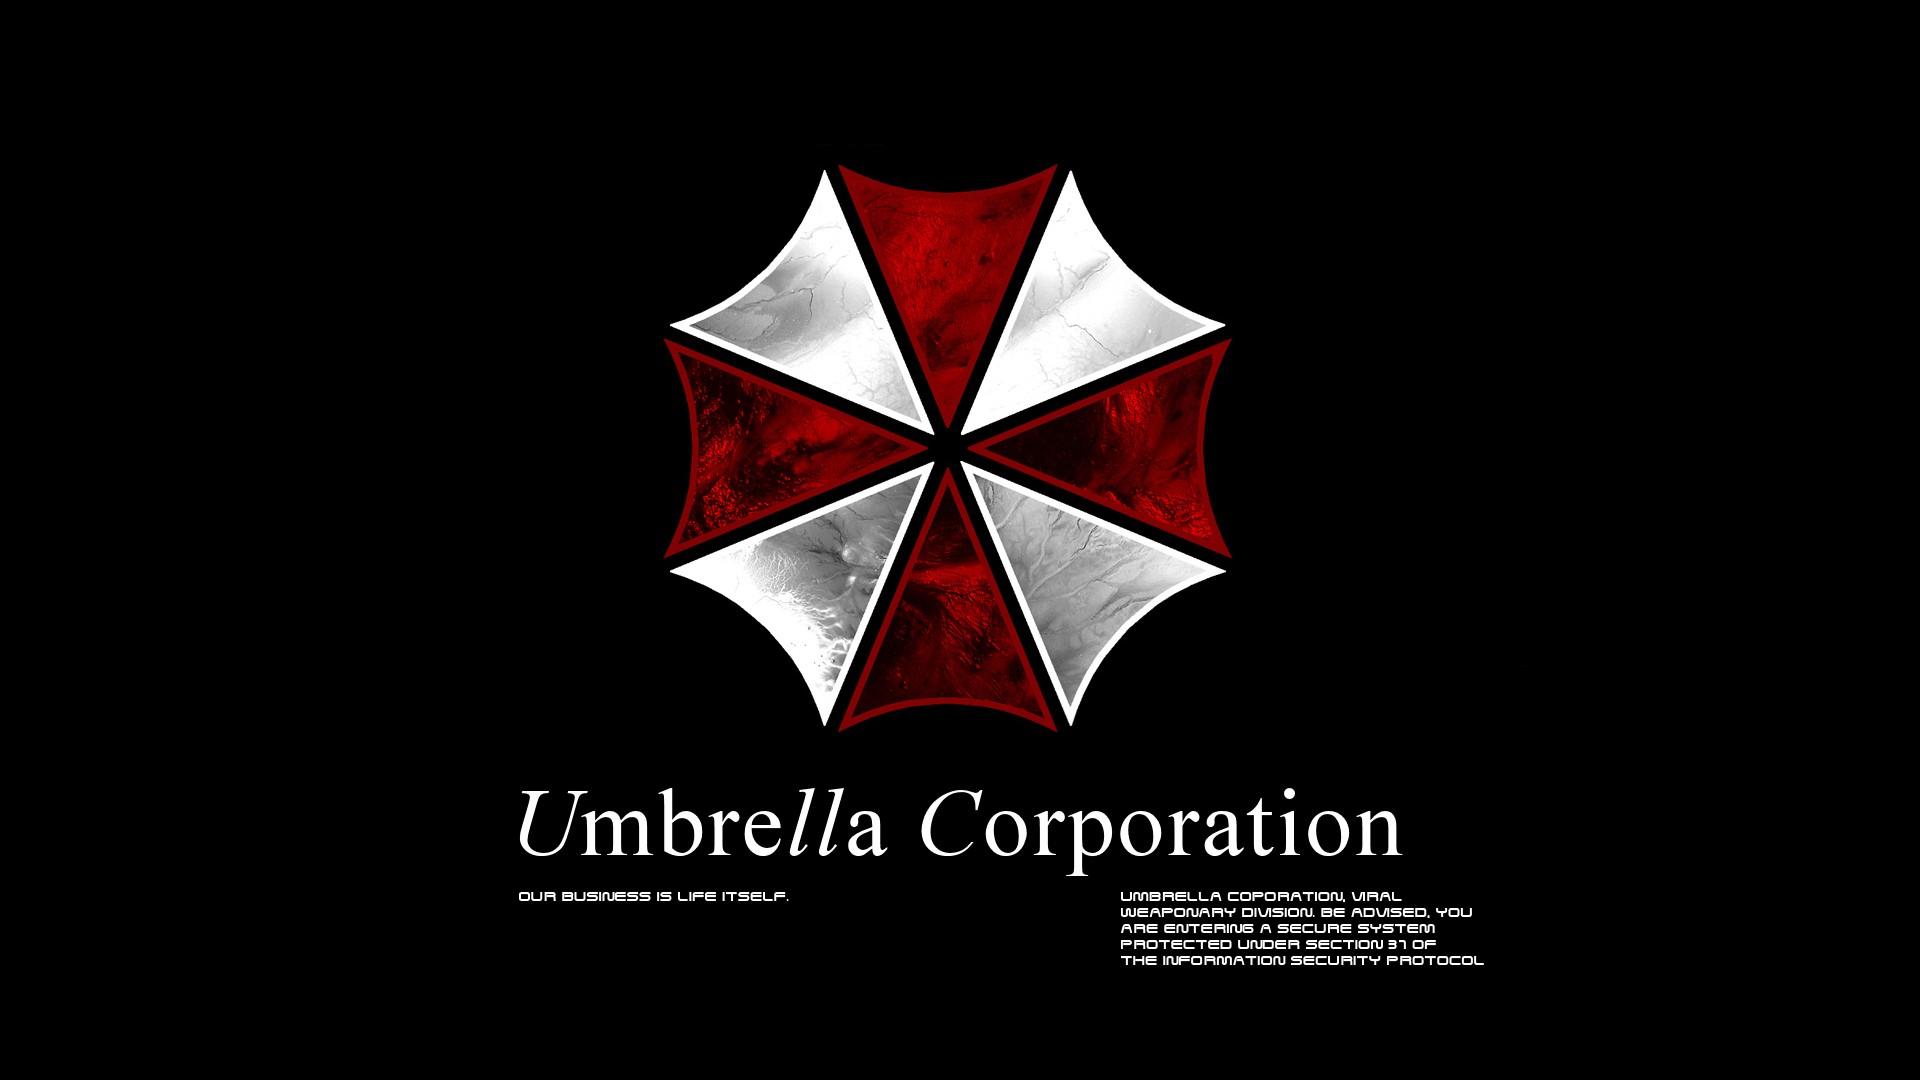 umbrella corporation wallpaper hd wallpapers